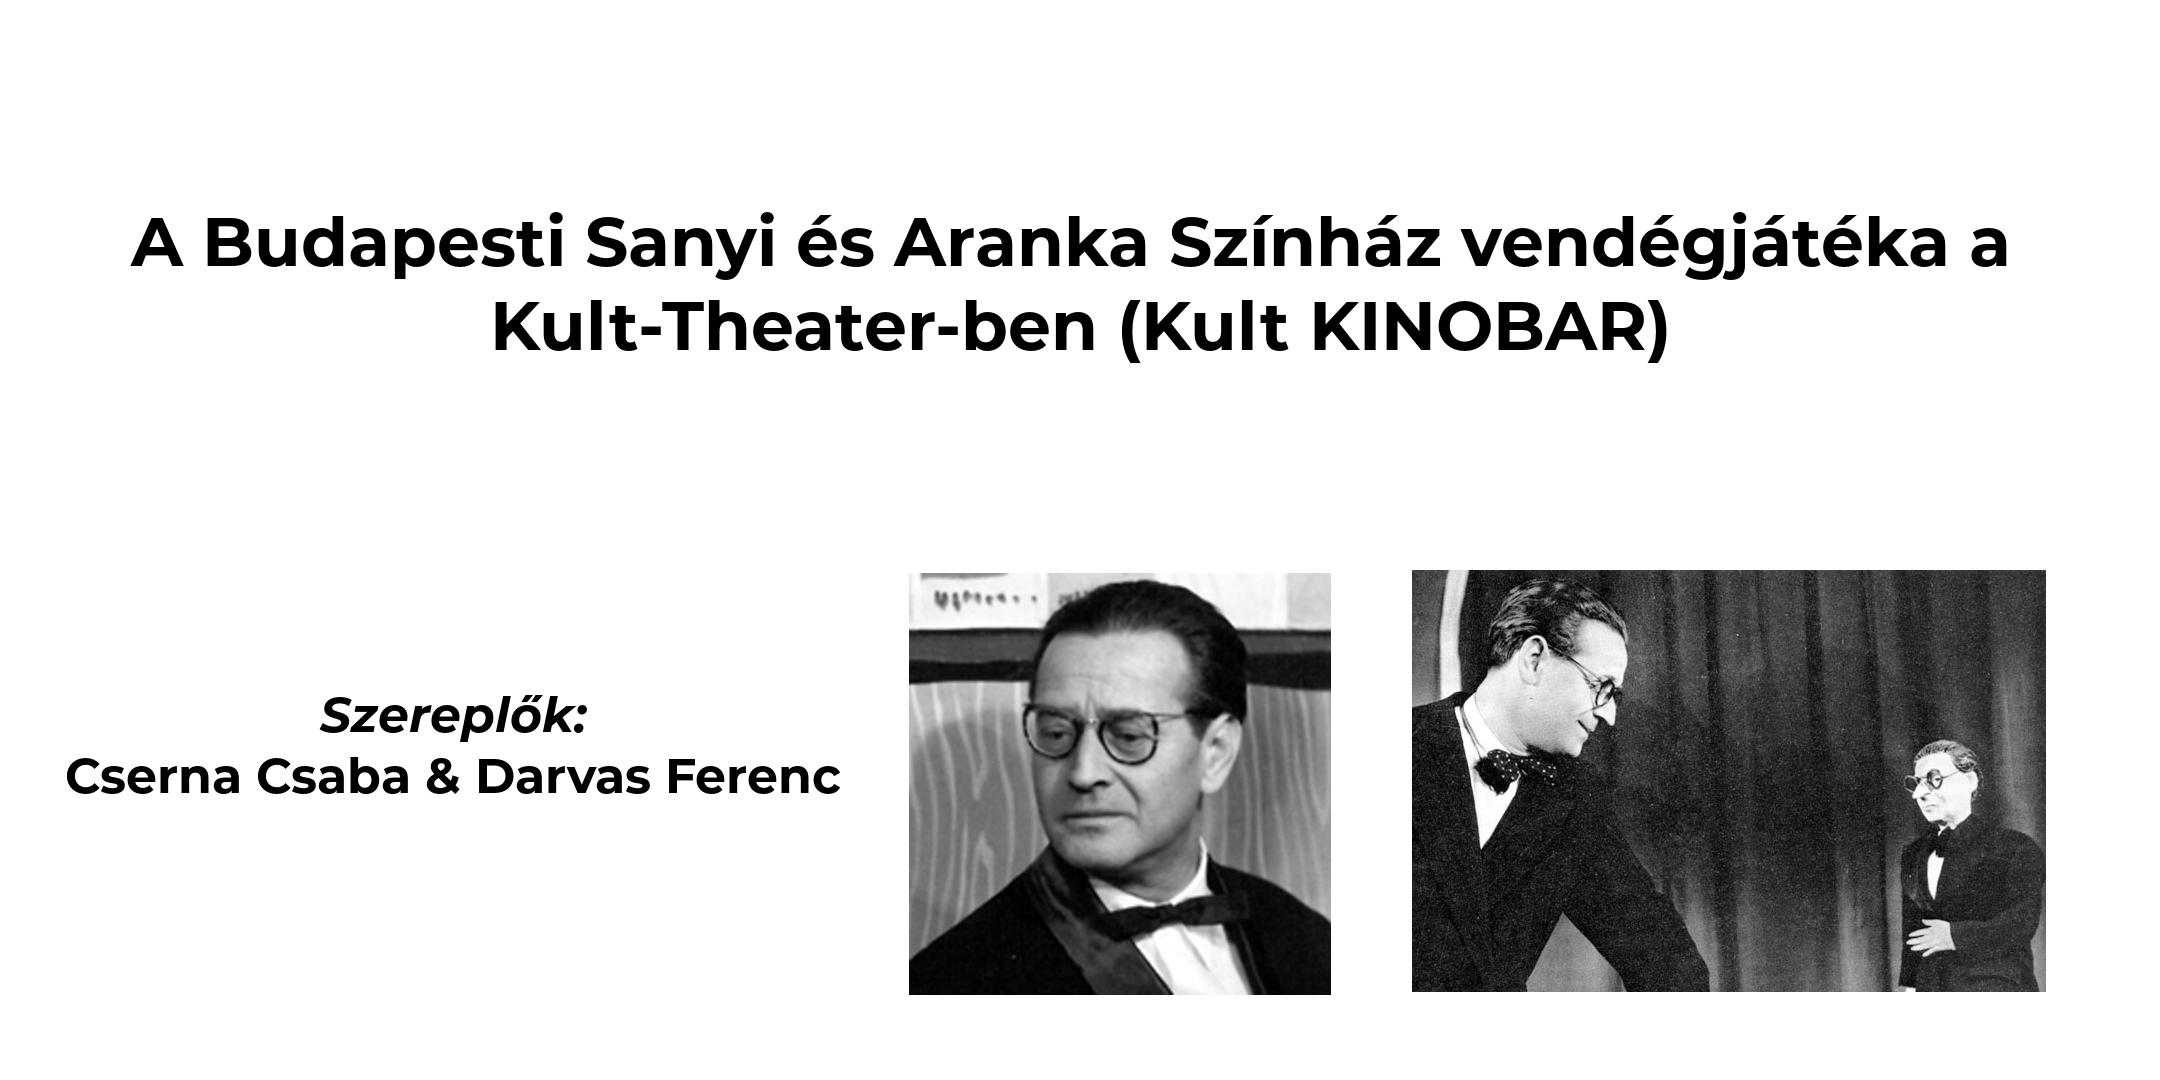 A Budapesti Sanyi és Aranka Színház vendégjátéka a Kult-Theater-ben